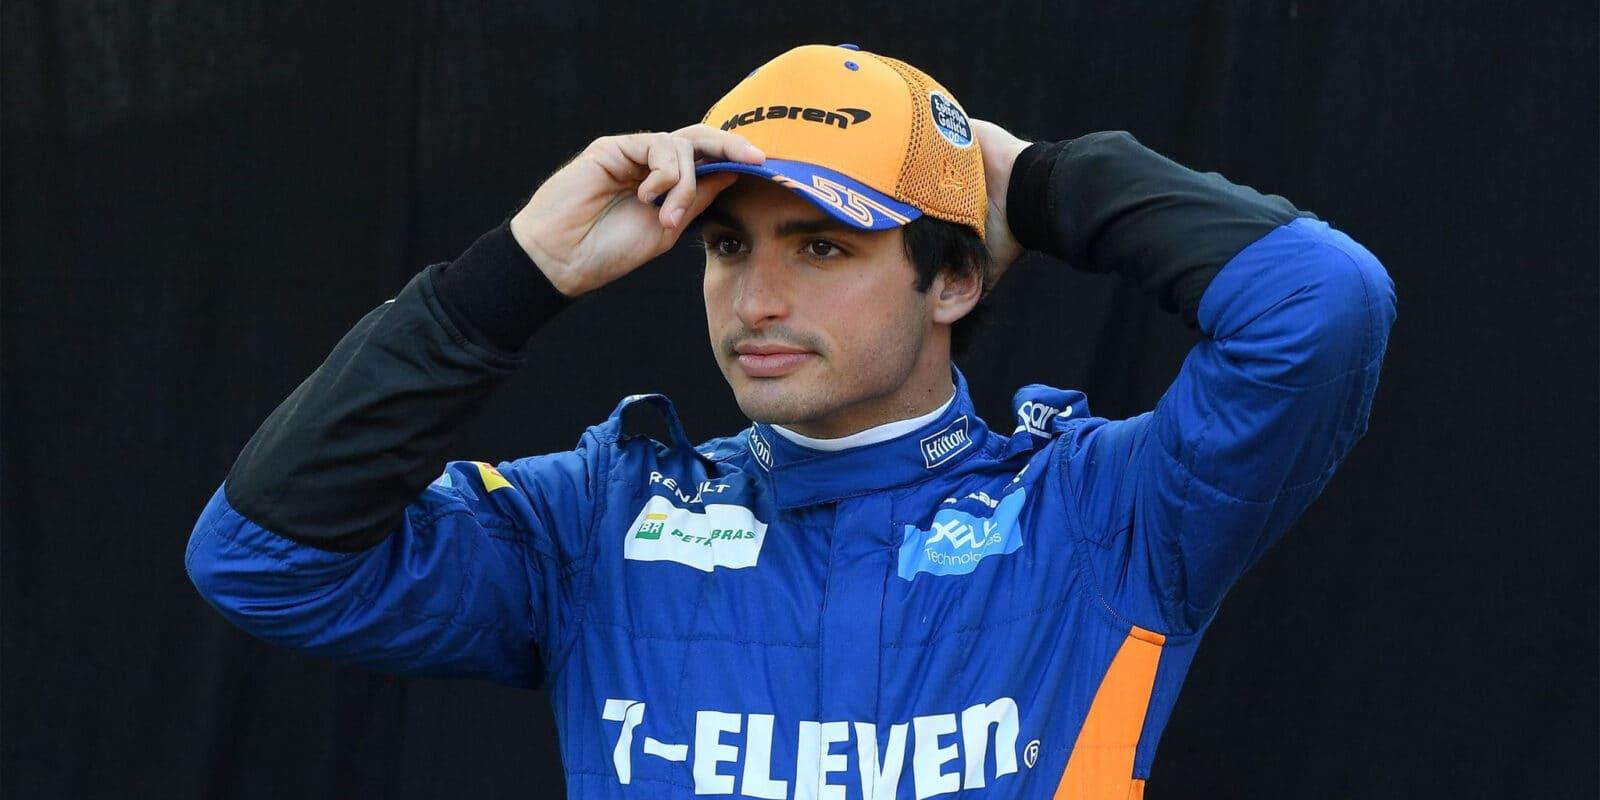 Oficiálně: Carlos Sainz přechází k Ferrari!